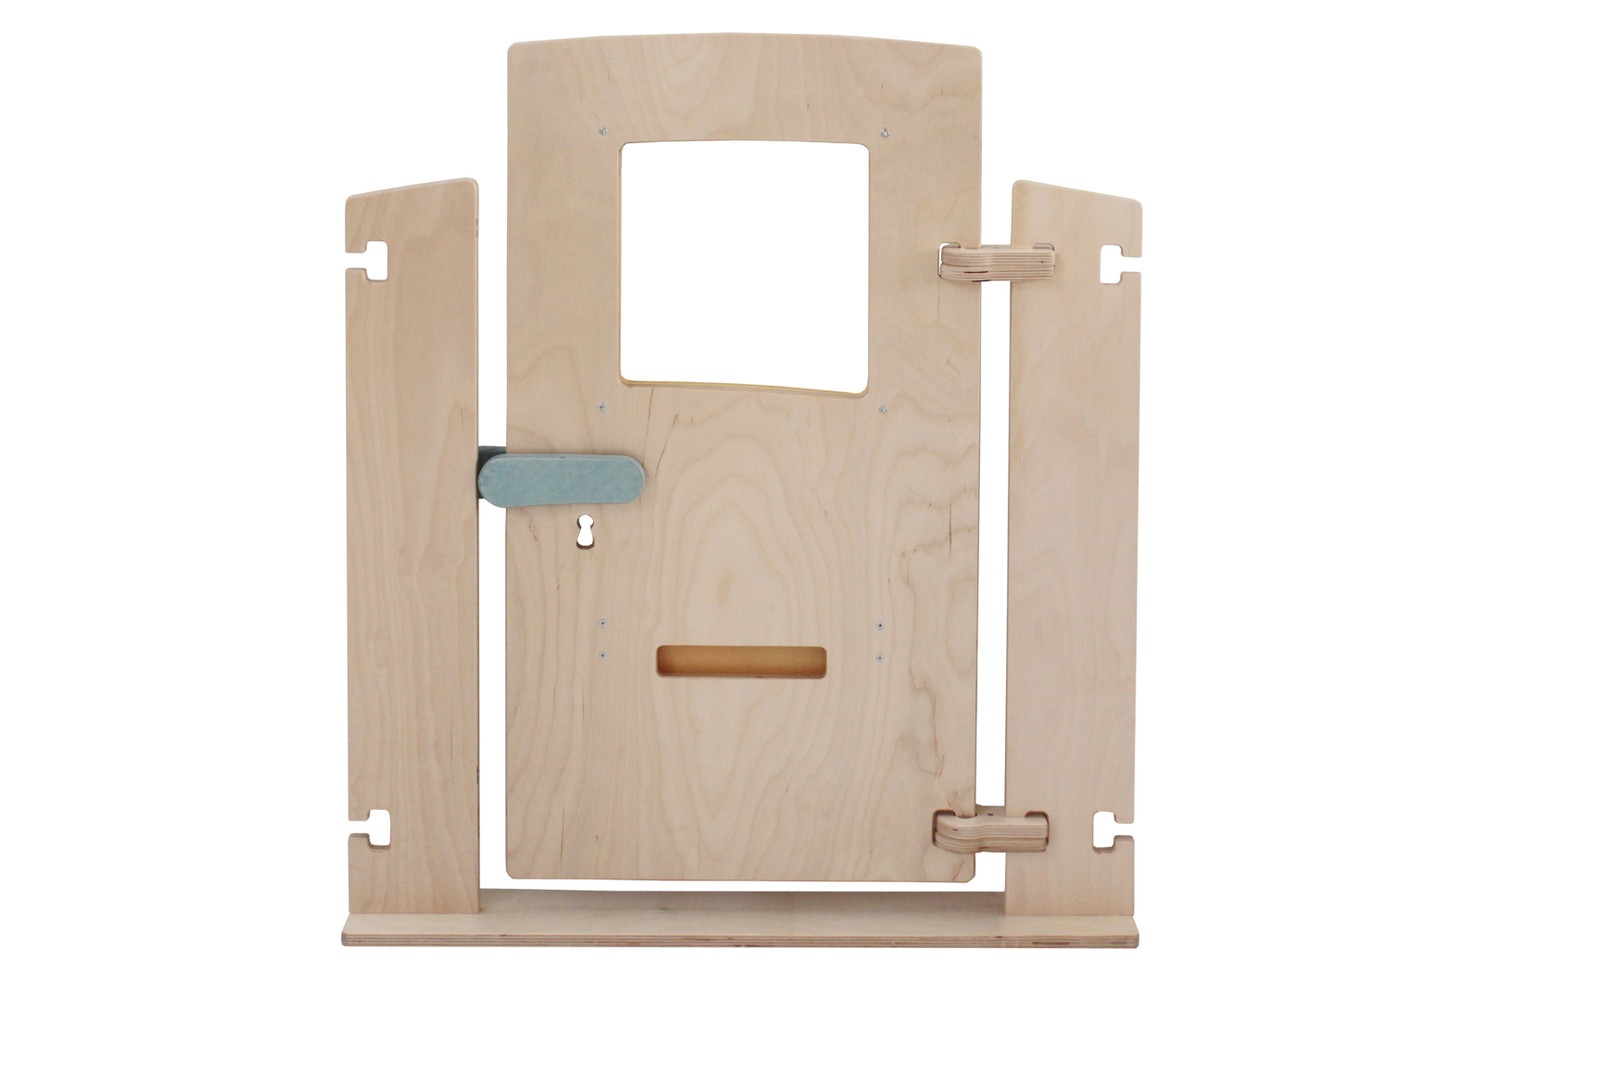 1x variabler raumteiler t r mit briefschlitz beidseitig bespielbar material holz breite. Black Bedroom Furniture Sets. Home Design Ideas